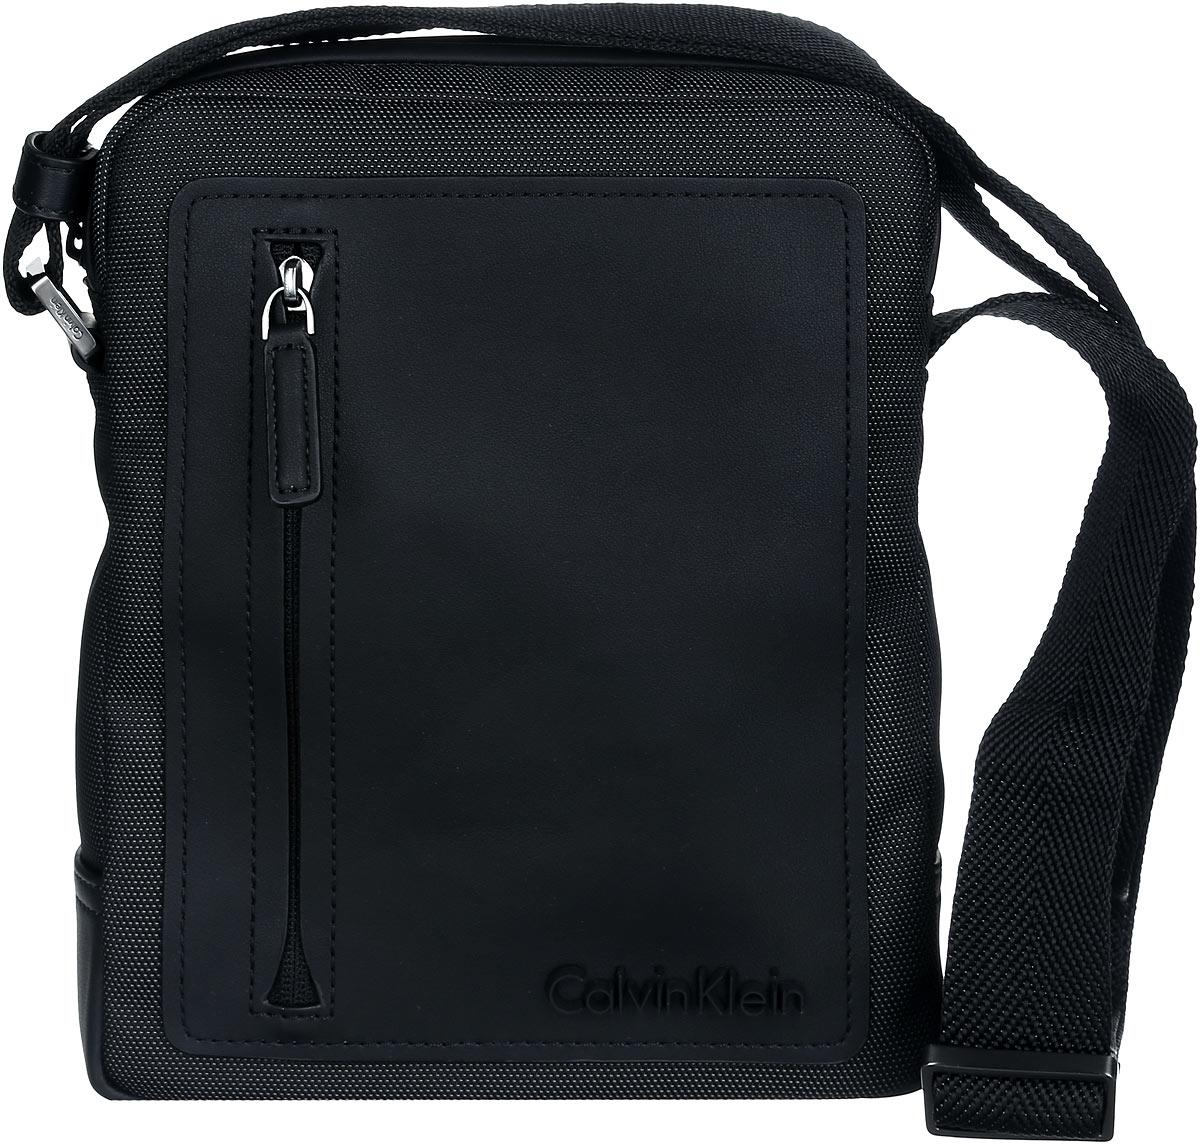 Сумка мужская Calvin Klein Jeans, цвет: черный. K50K501618_0010K50K501618_0010Стильная сумка Calvin Klein выполнена из полиуретана, оформлена символикой бренда. Изделие содержит одно отделение, которое закрывается на застежку-молнию. Внутри сумки размещены два накладных кармашка для мелочей и врезной карман на застежке-молнии. Сумка оснащена плечевым ремнем регулируемой длины. Лицевая сторона дополнена накладным карманом на молнии. В комплекте с изделием поставляется чехол для хранения. Модная сумка идеально подчеркнет ваш неповторимый стиль.